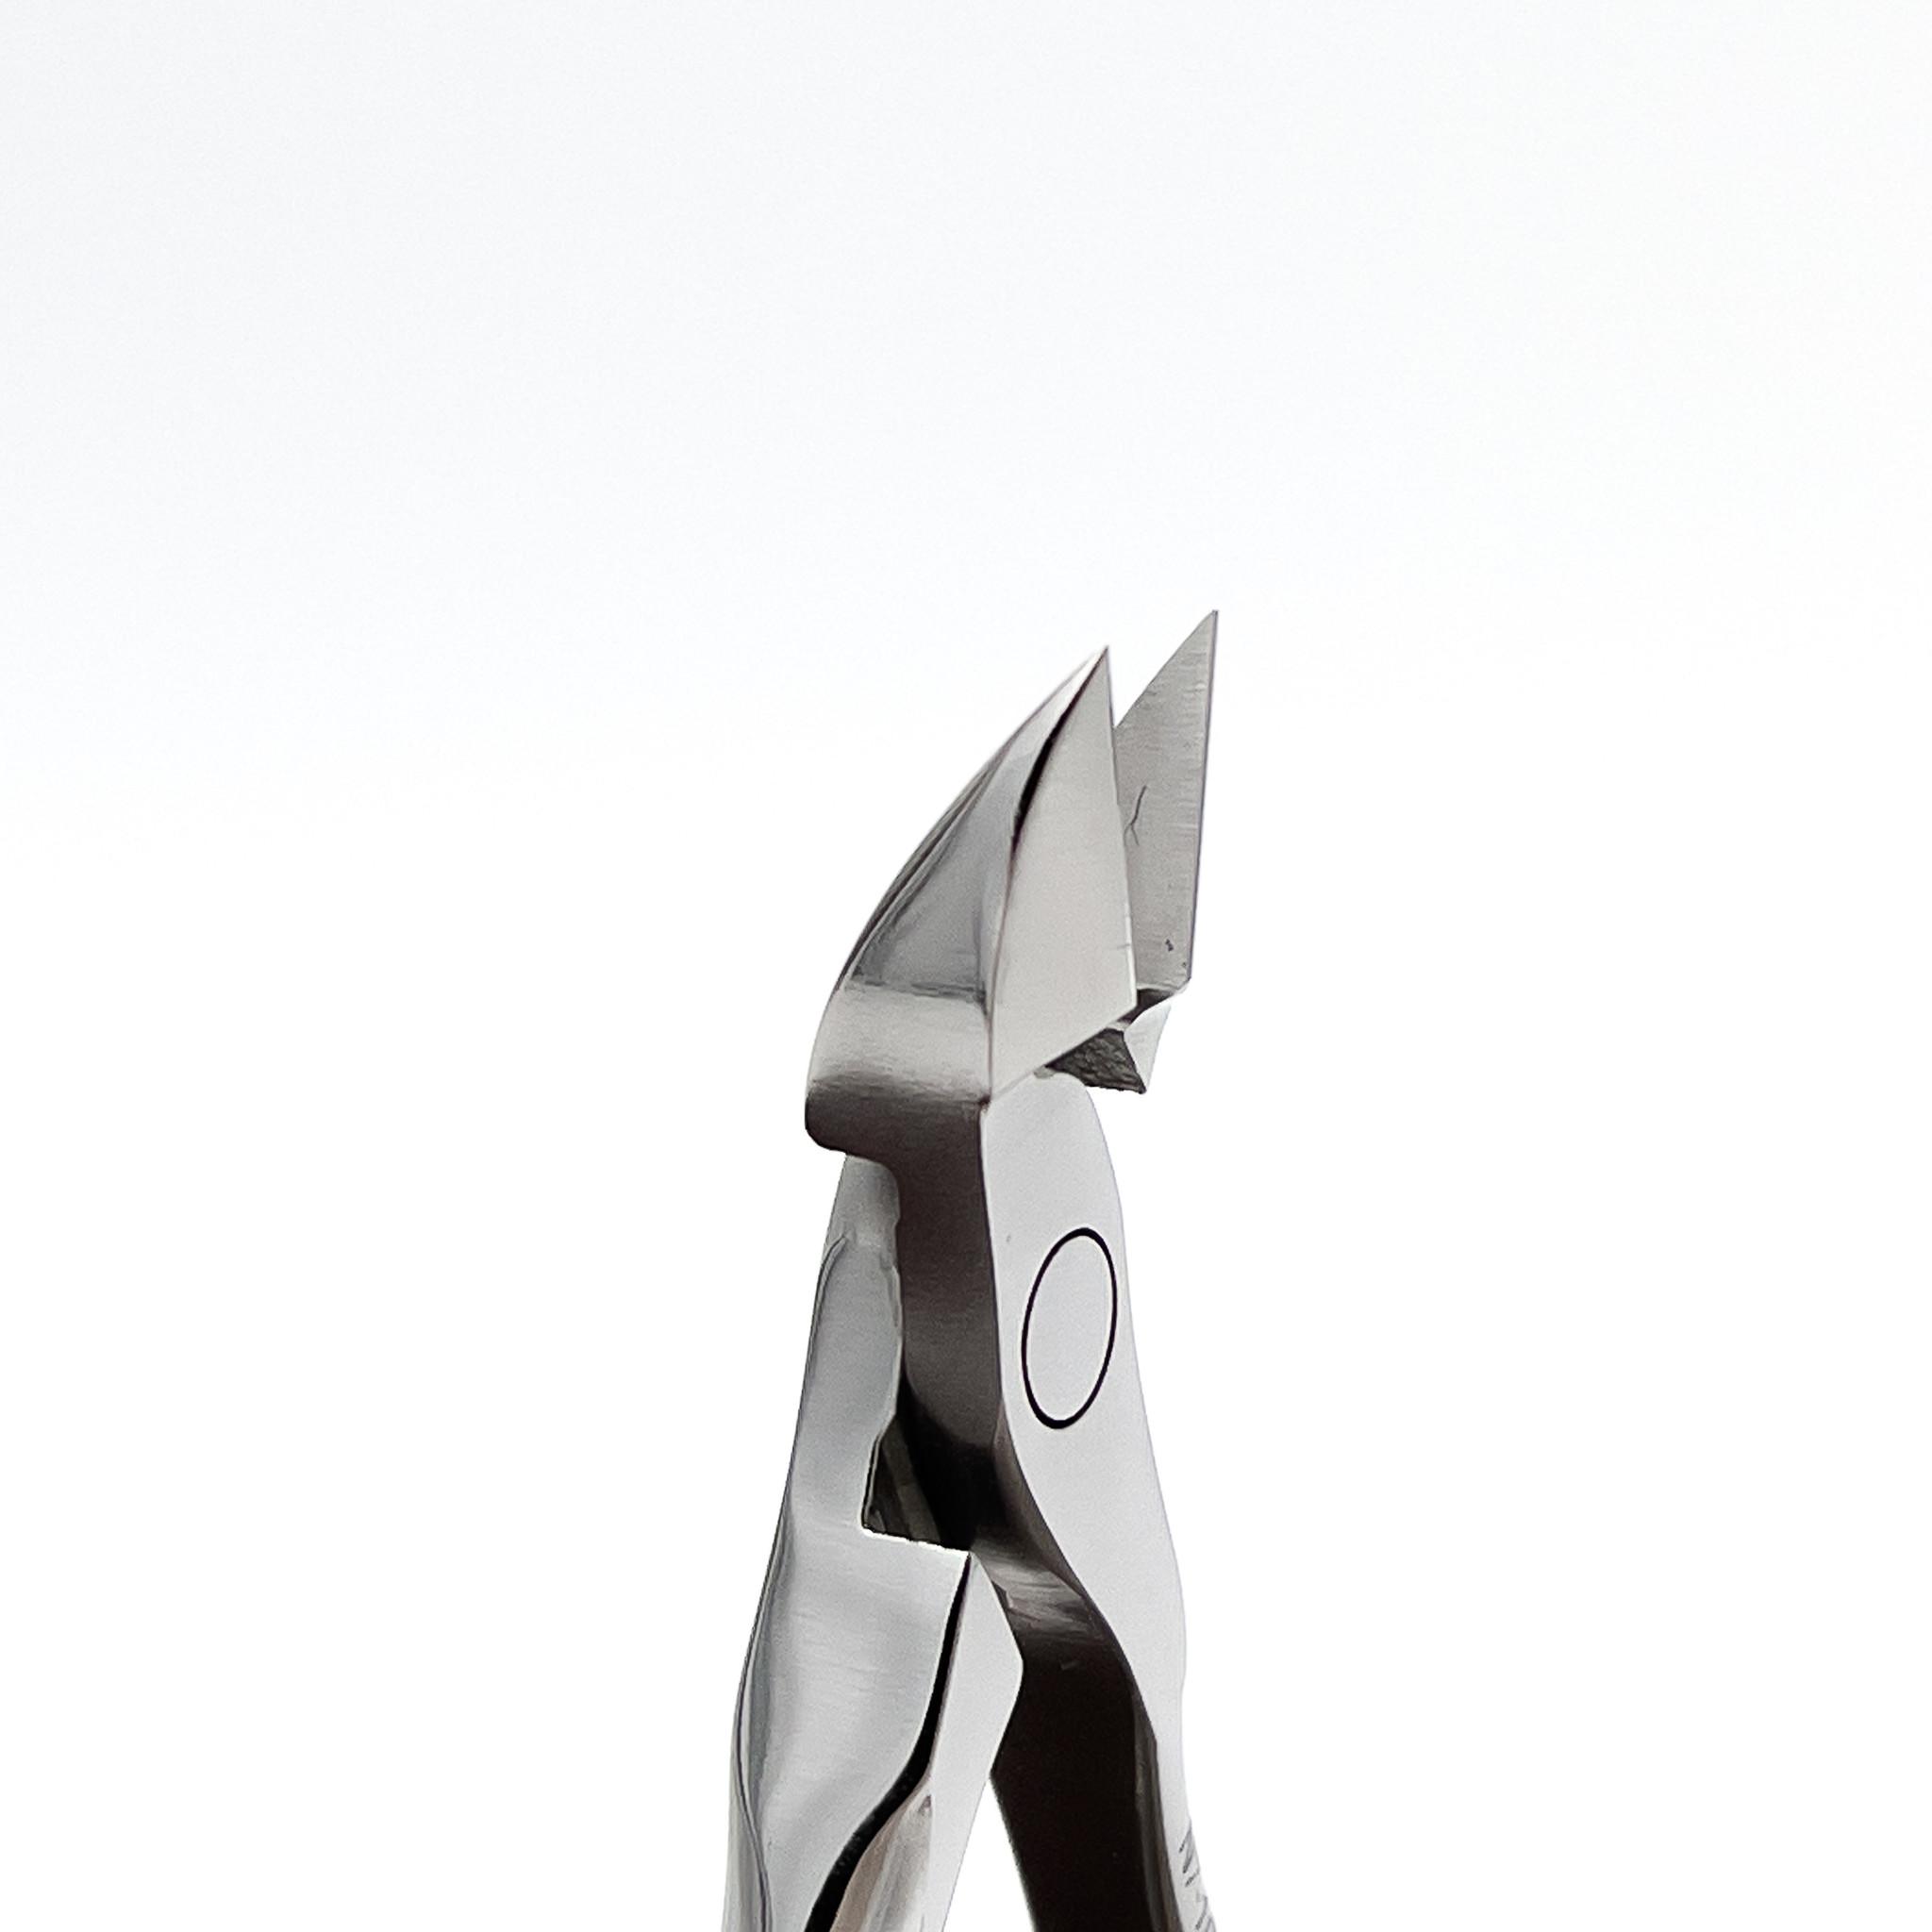 STALENA Pince à peau avec poignée ergonomique K-12 (N7-10-09) - 9 mm